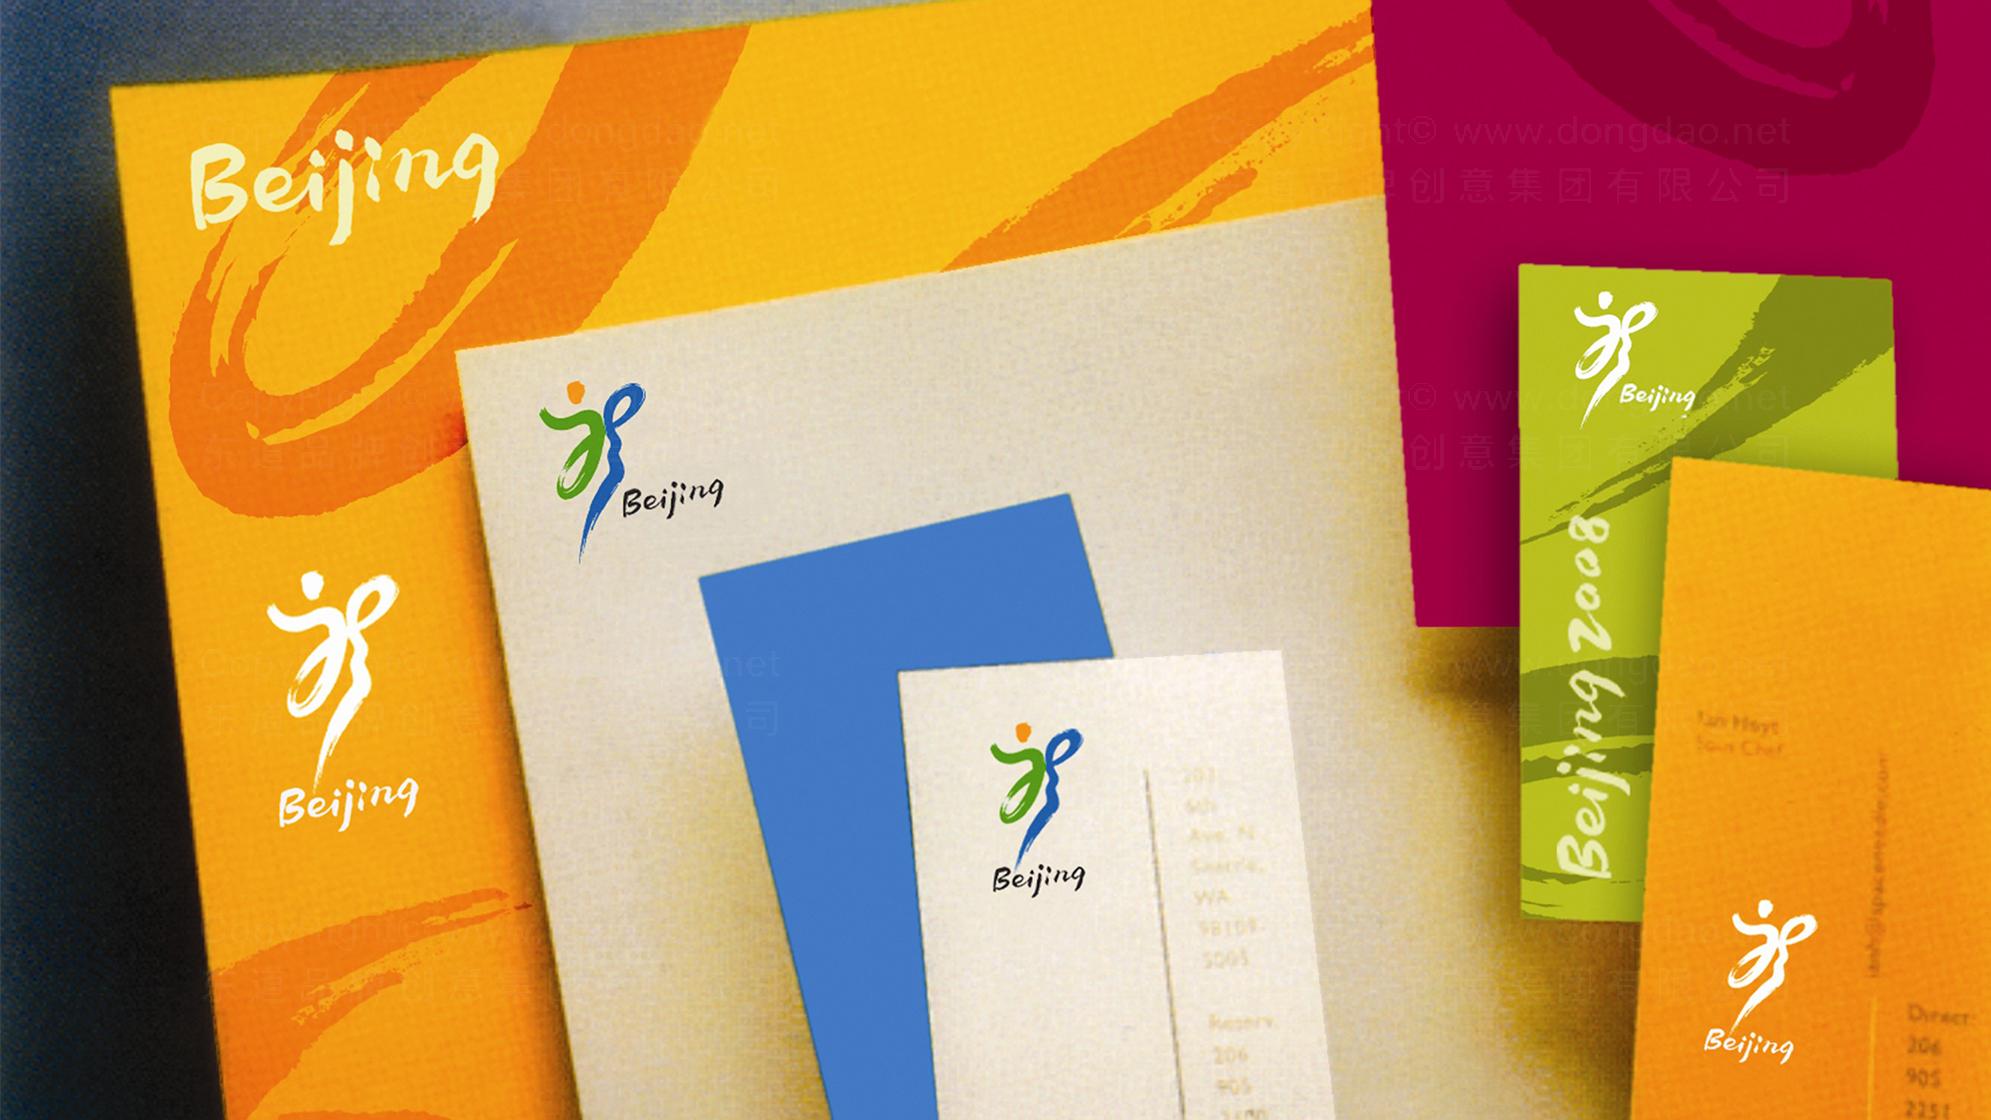 政府组织品牌设计北京2008奥运会会徽LOGO设计